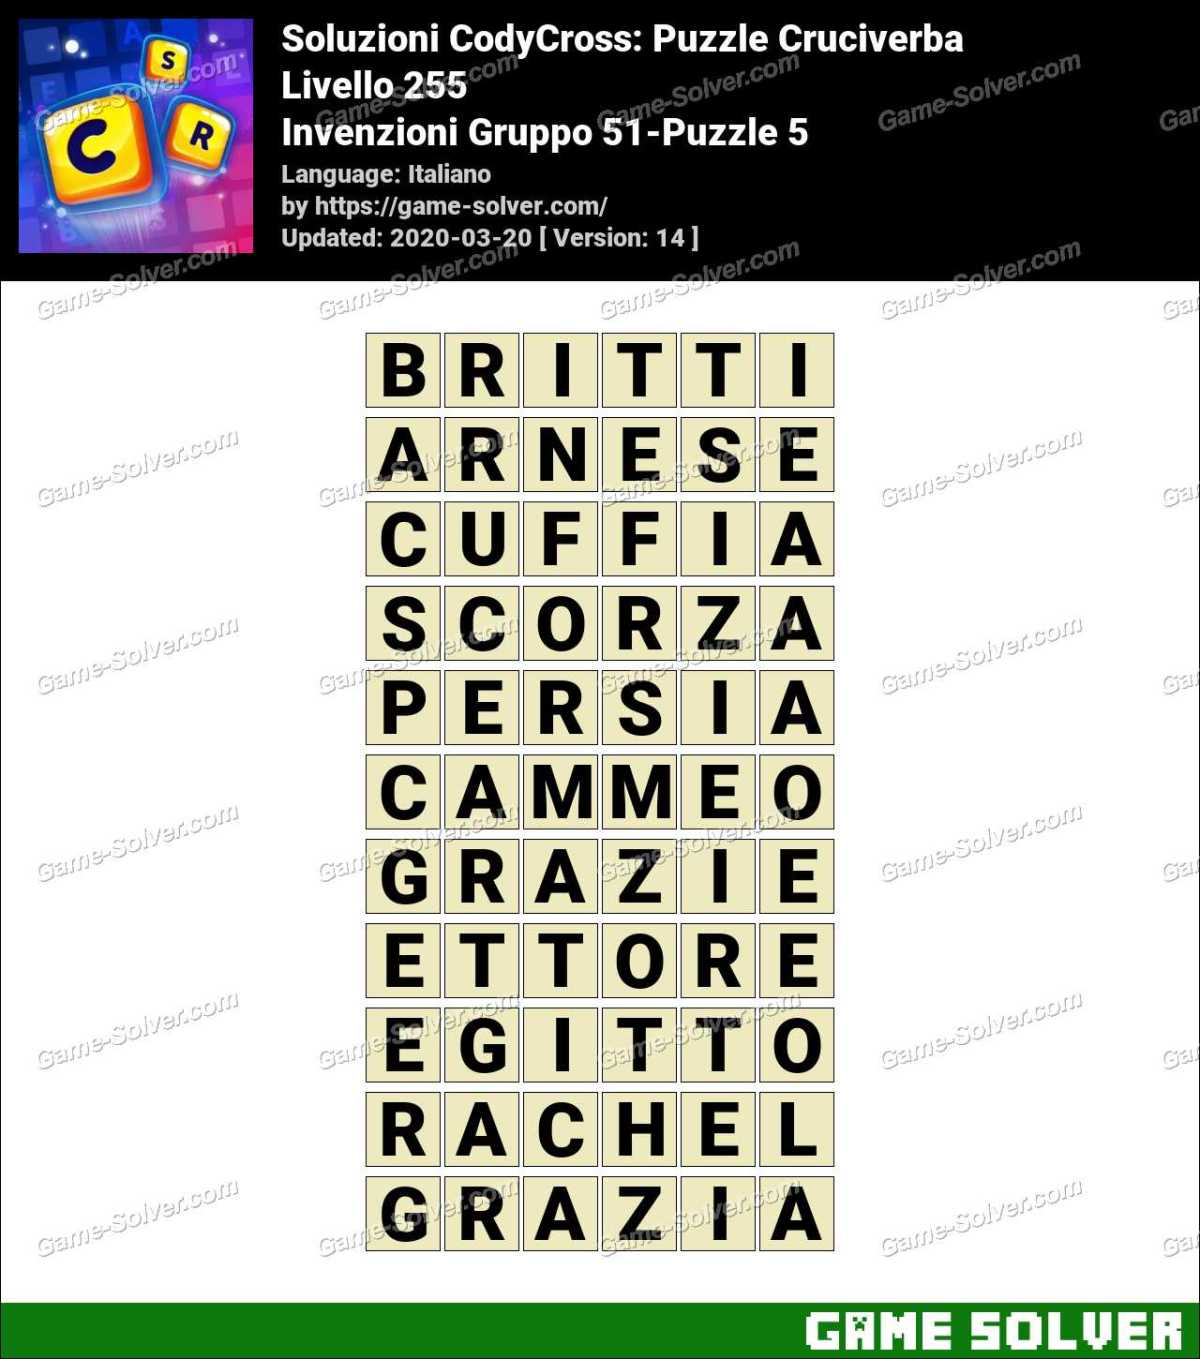 Soluzioni CodyCross Invenzioni Gruppo 51-Puzzle 5